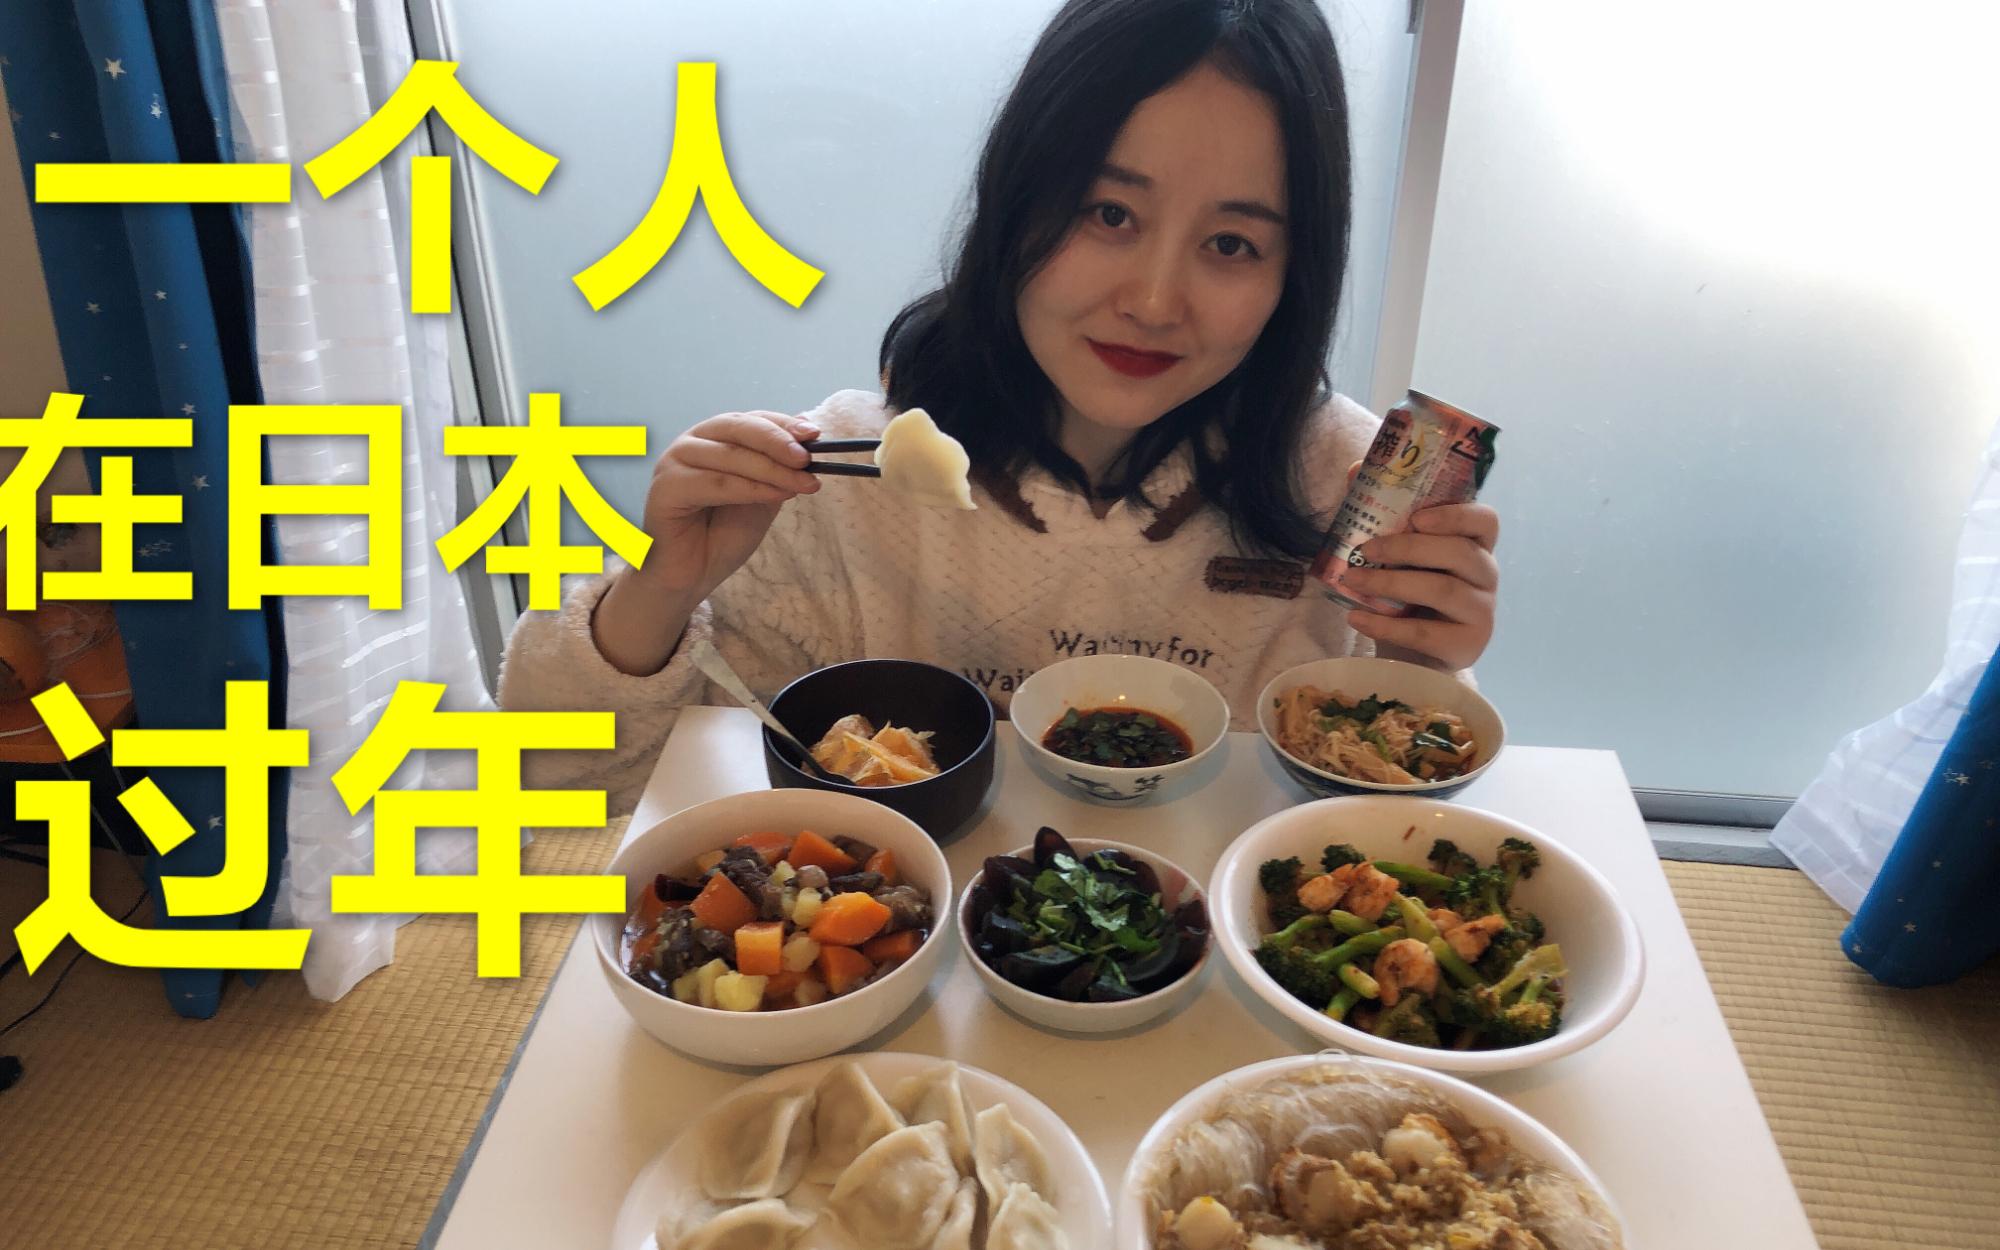 一个人在日本过年!做了一桌子菜,新年愿望是疫情赶紧消失!